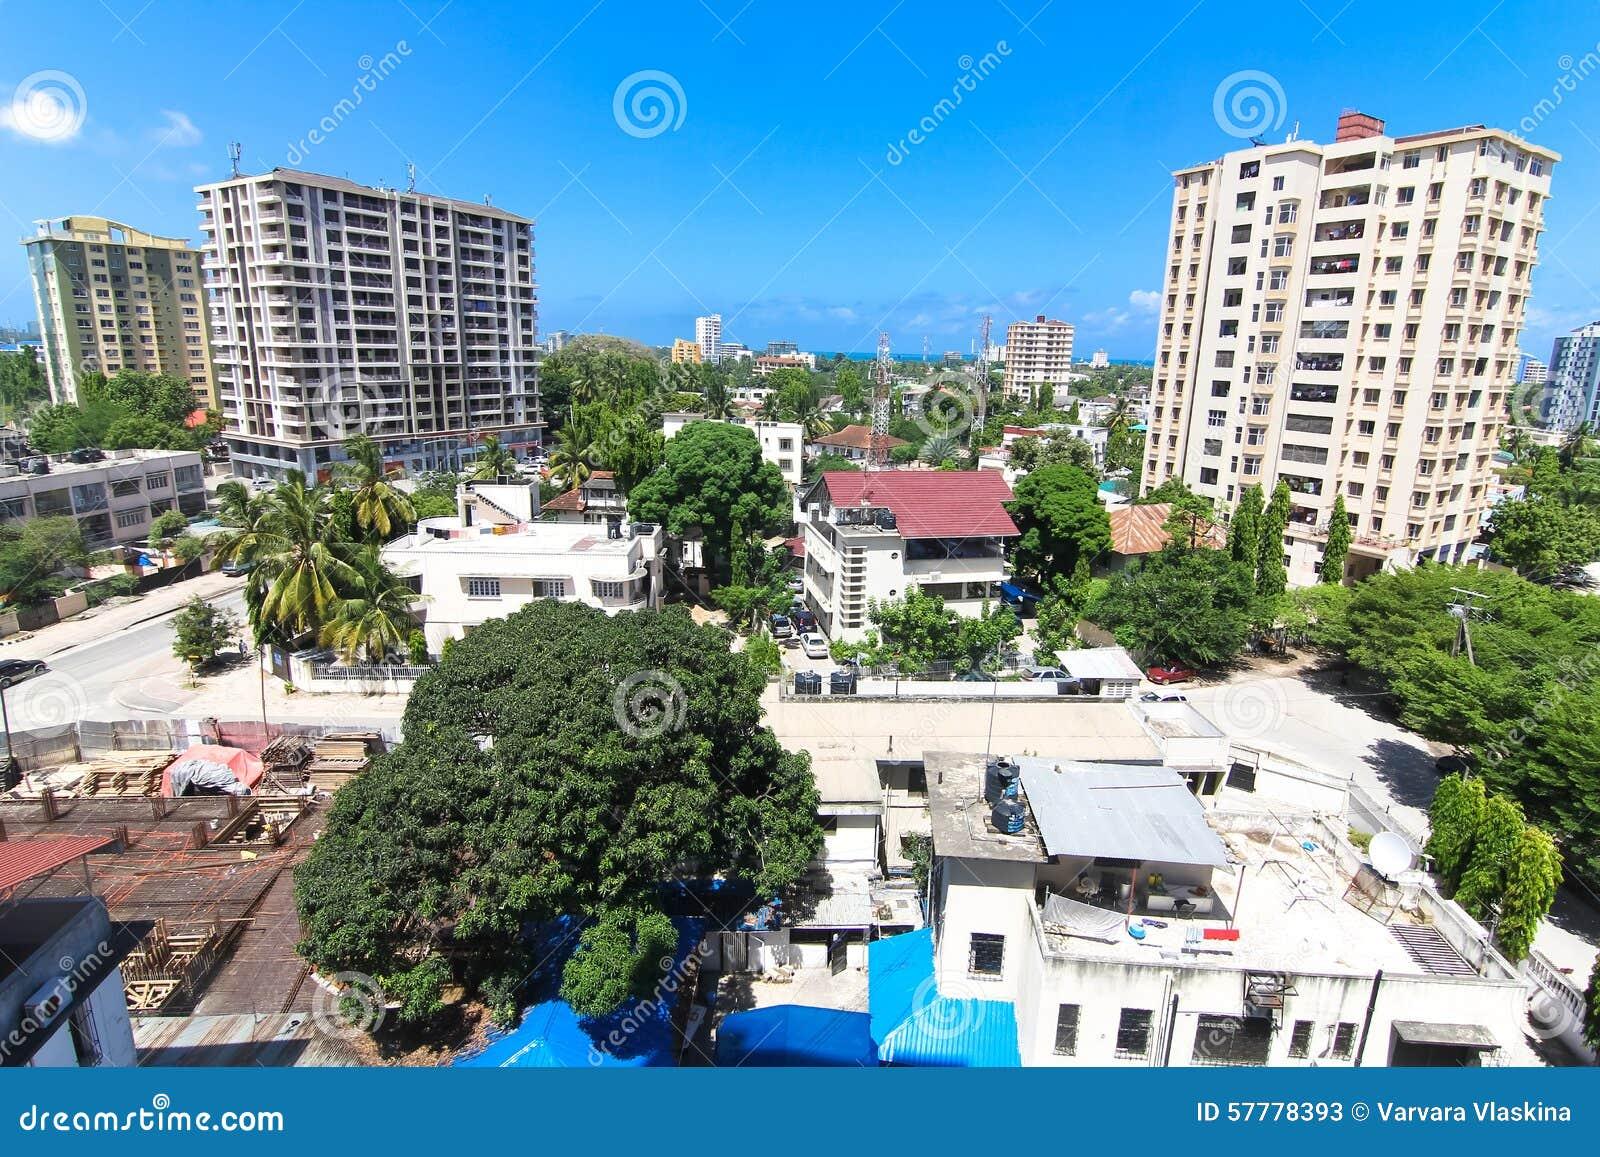 Nuove costruzioni moderne a Dar es Salaam, Africa Vista panoramica